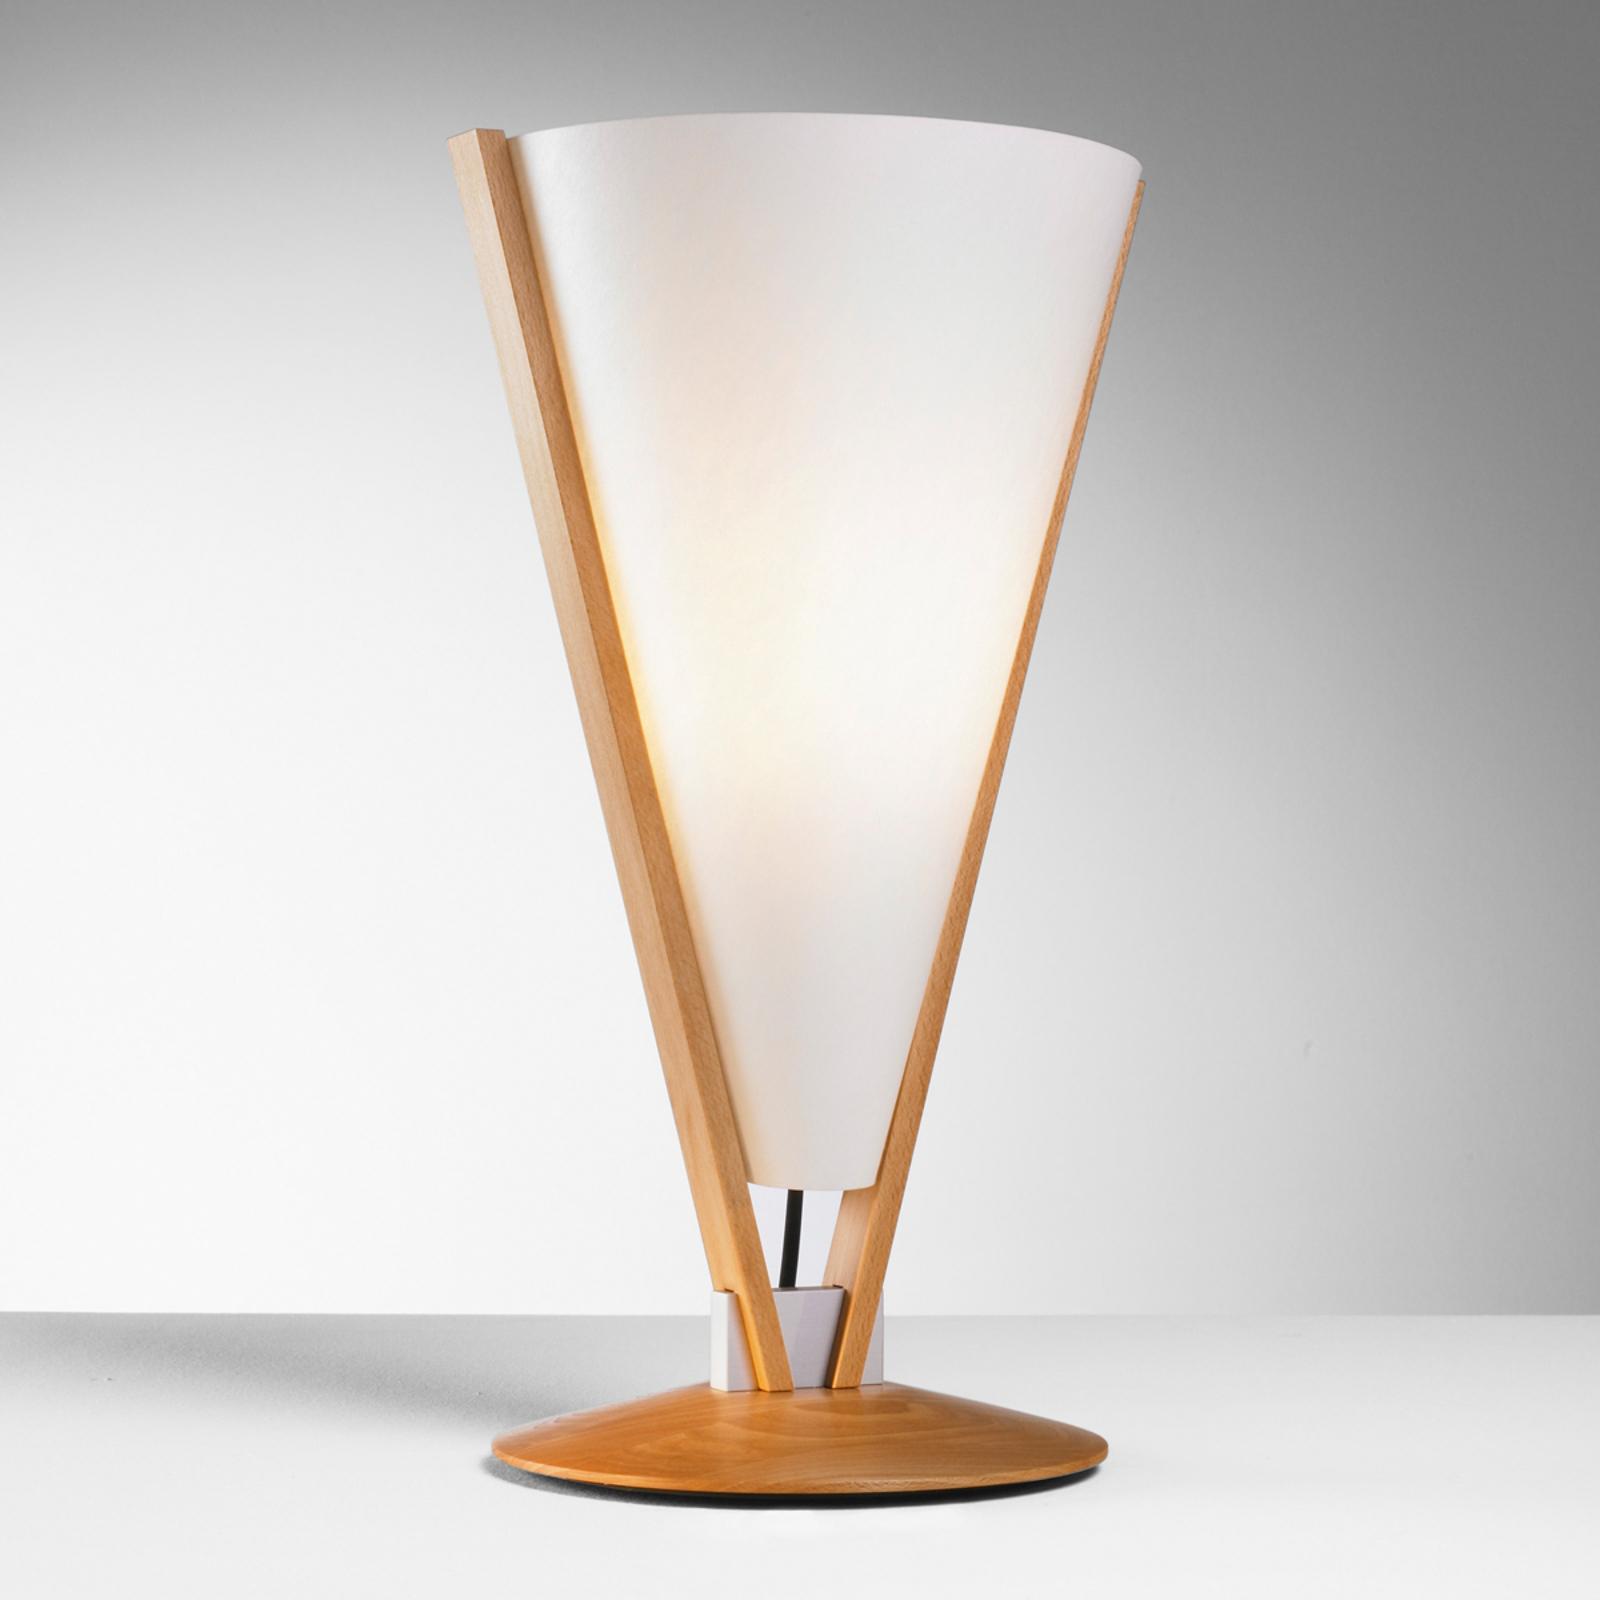 Stolní lampa SEBA s ručním vypínačem, buk